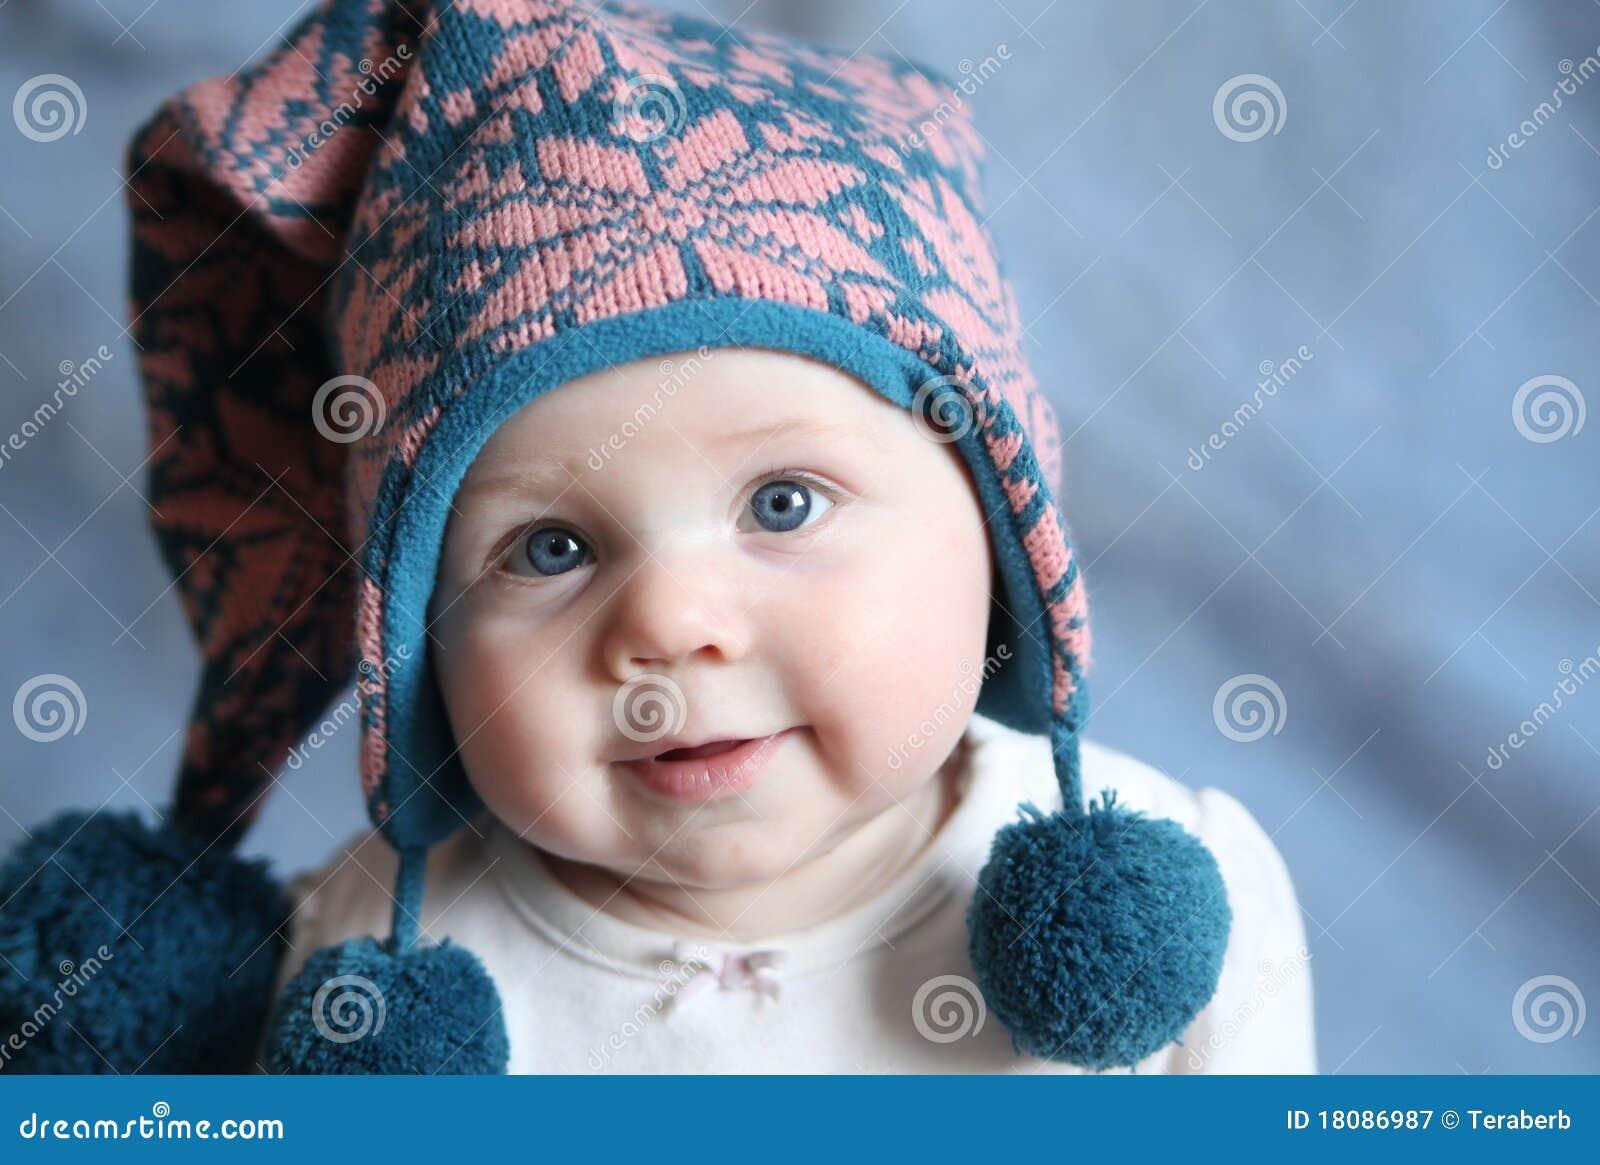 浅蓝色盖帽注视冬天